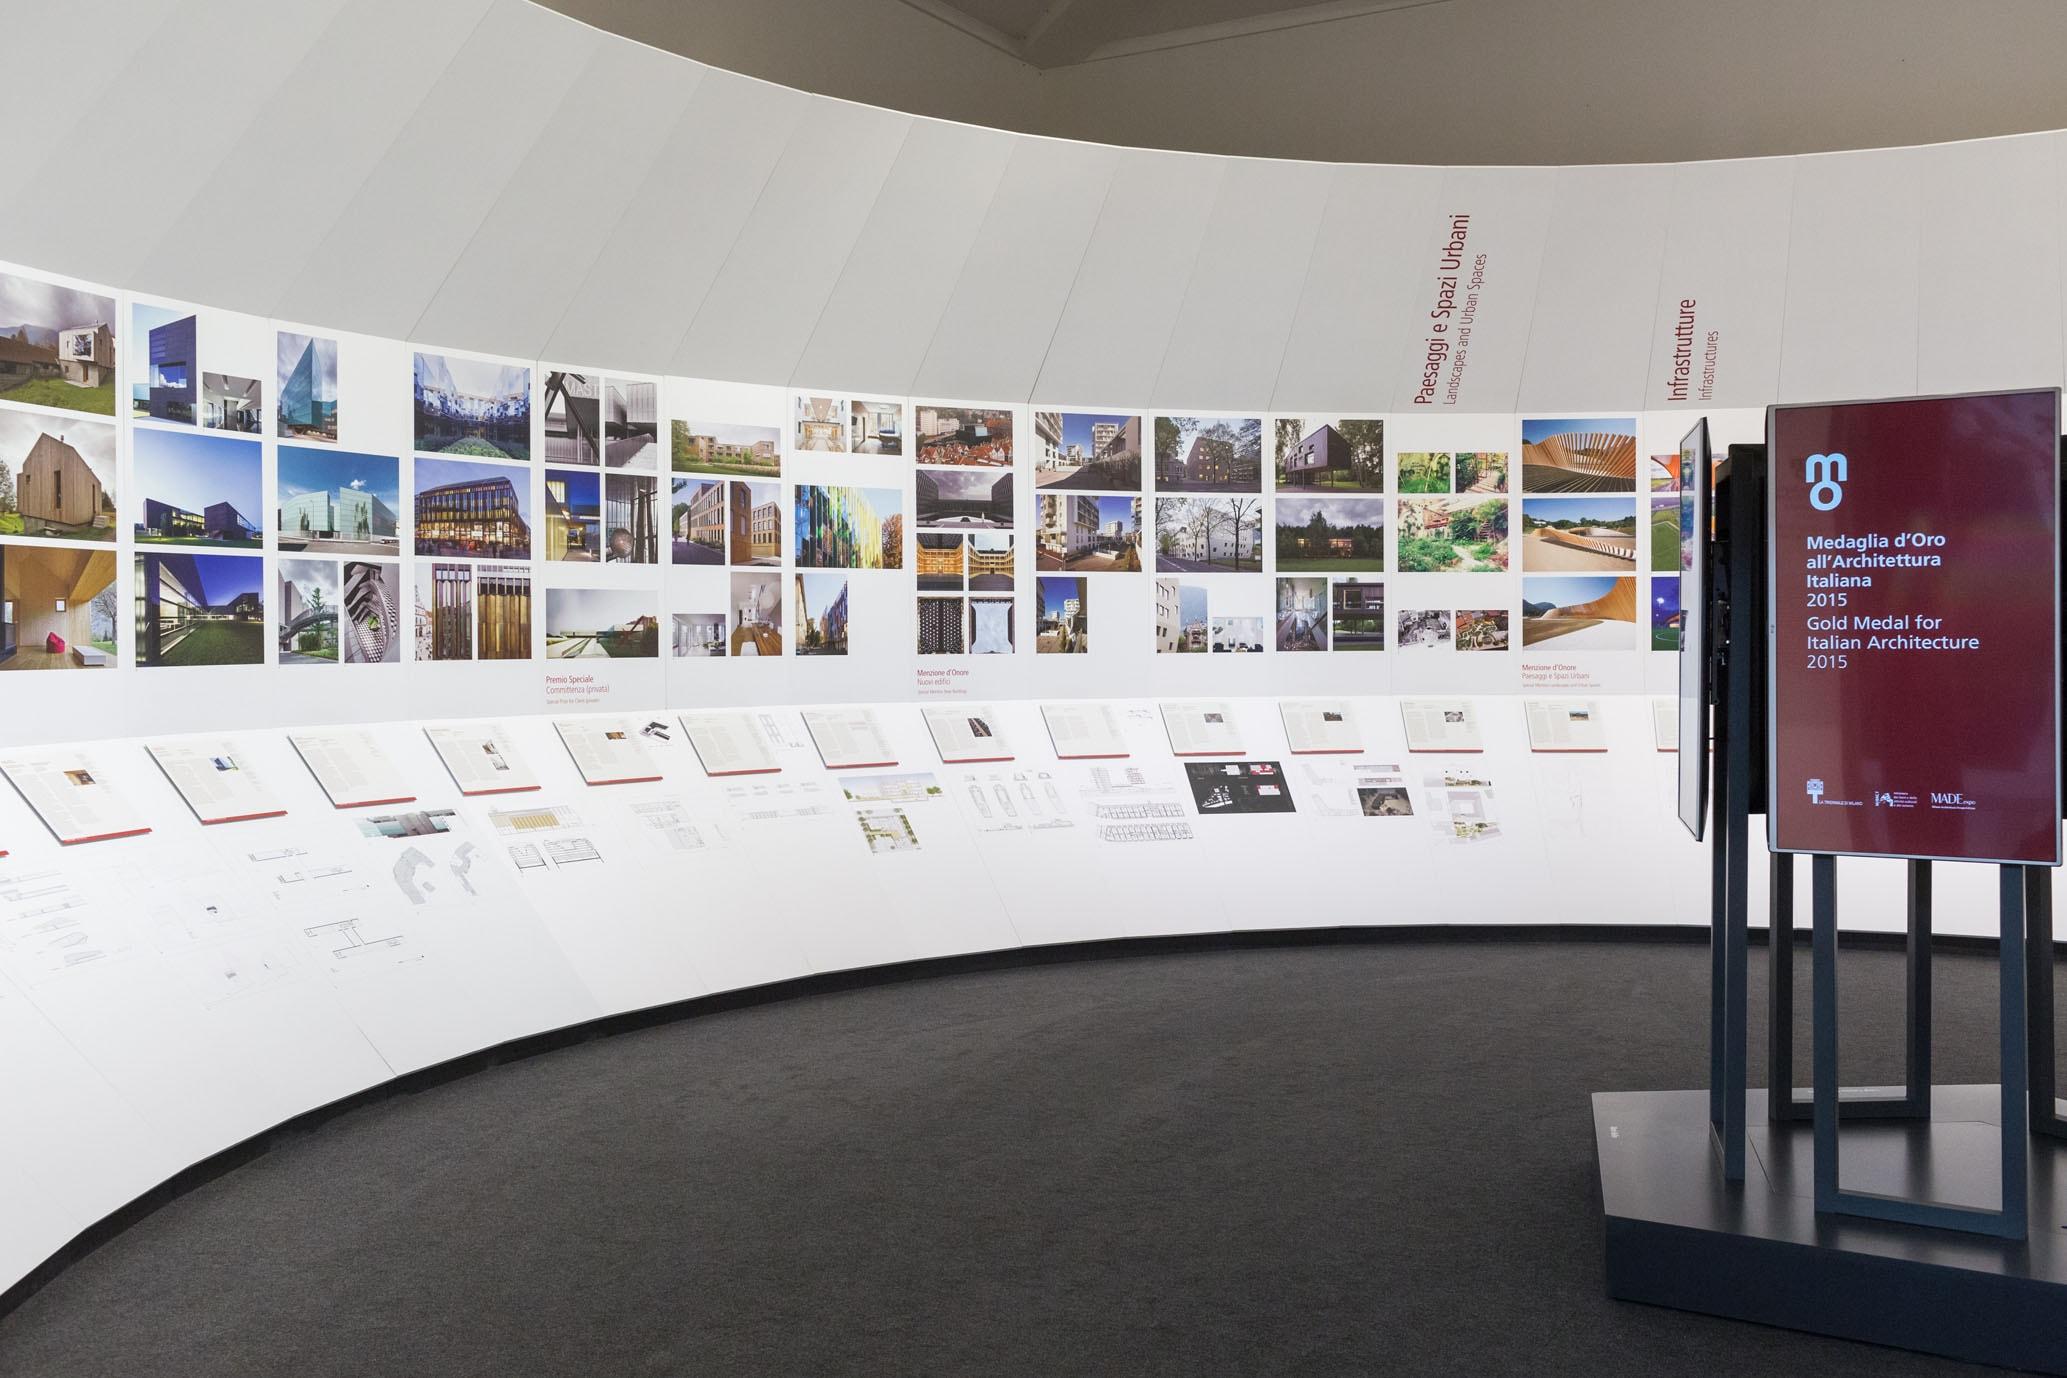 Studio Architettura Paesaggio Milano medaglia d'oro all'architettura 2015 for massimo carmassi